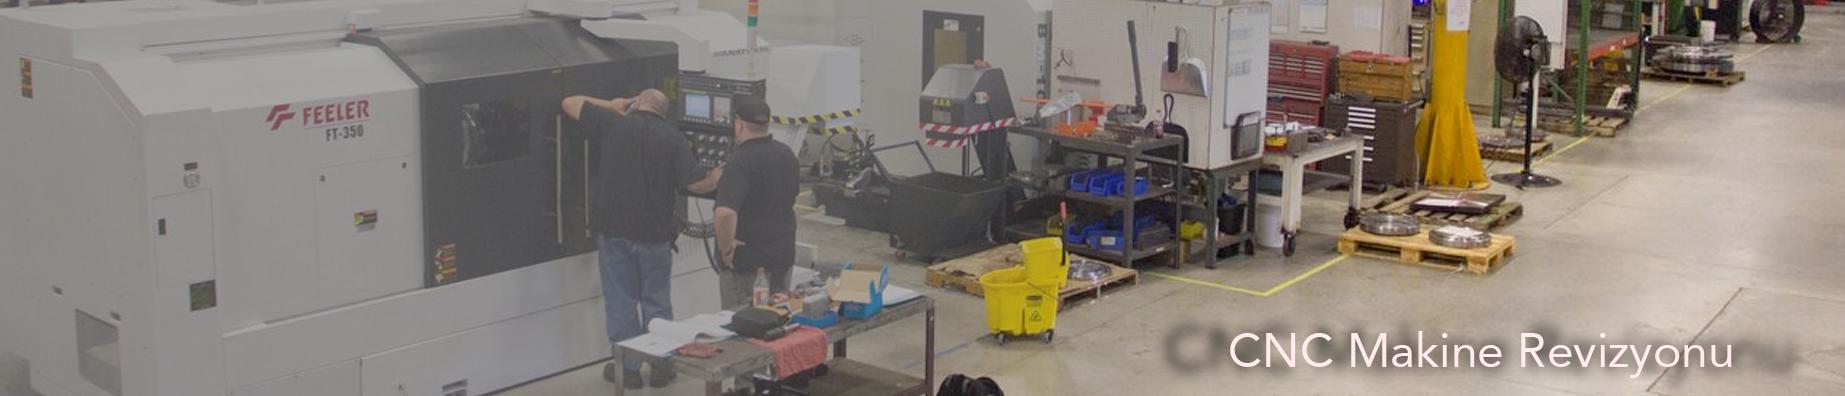 CNC Makine Revizyonu